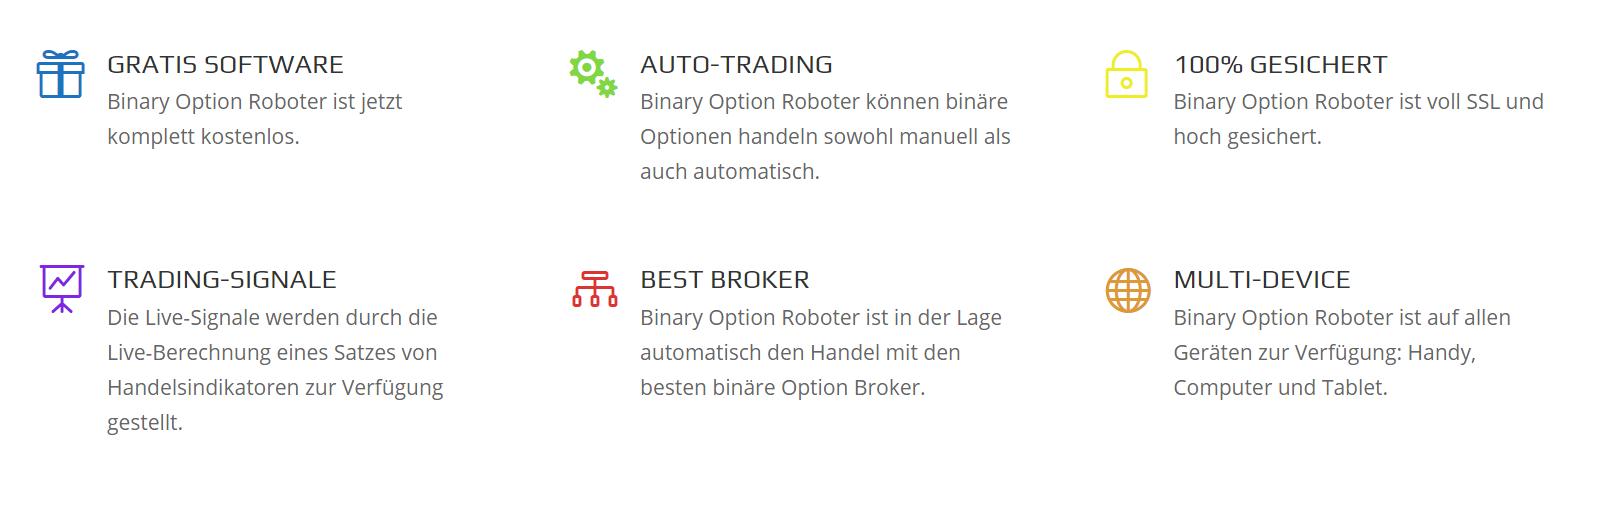 Binary option robot erfahrungen